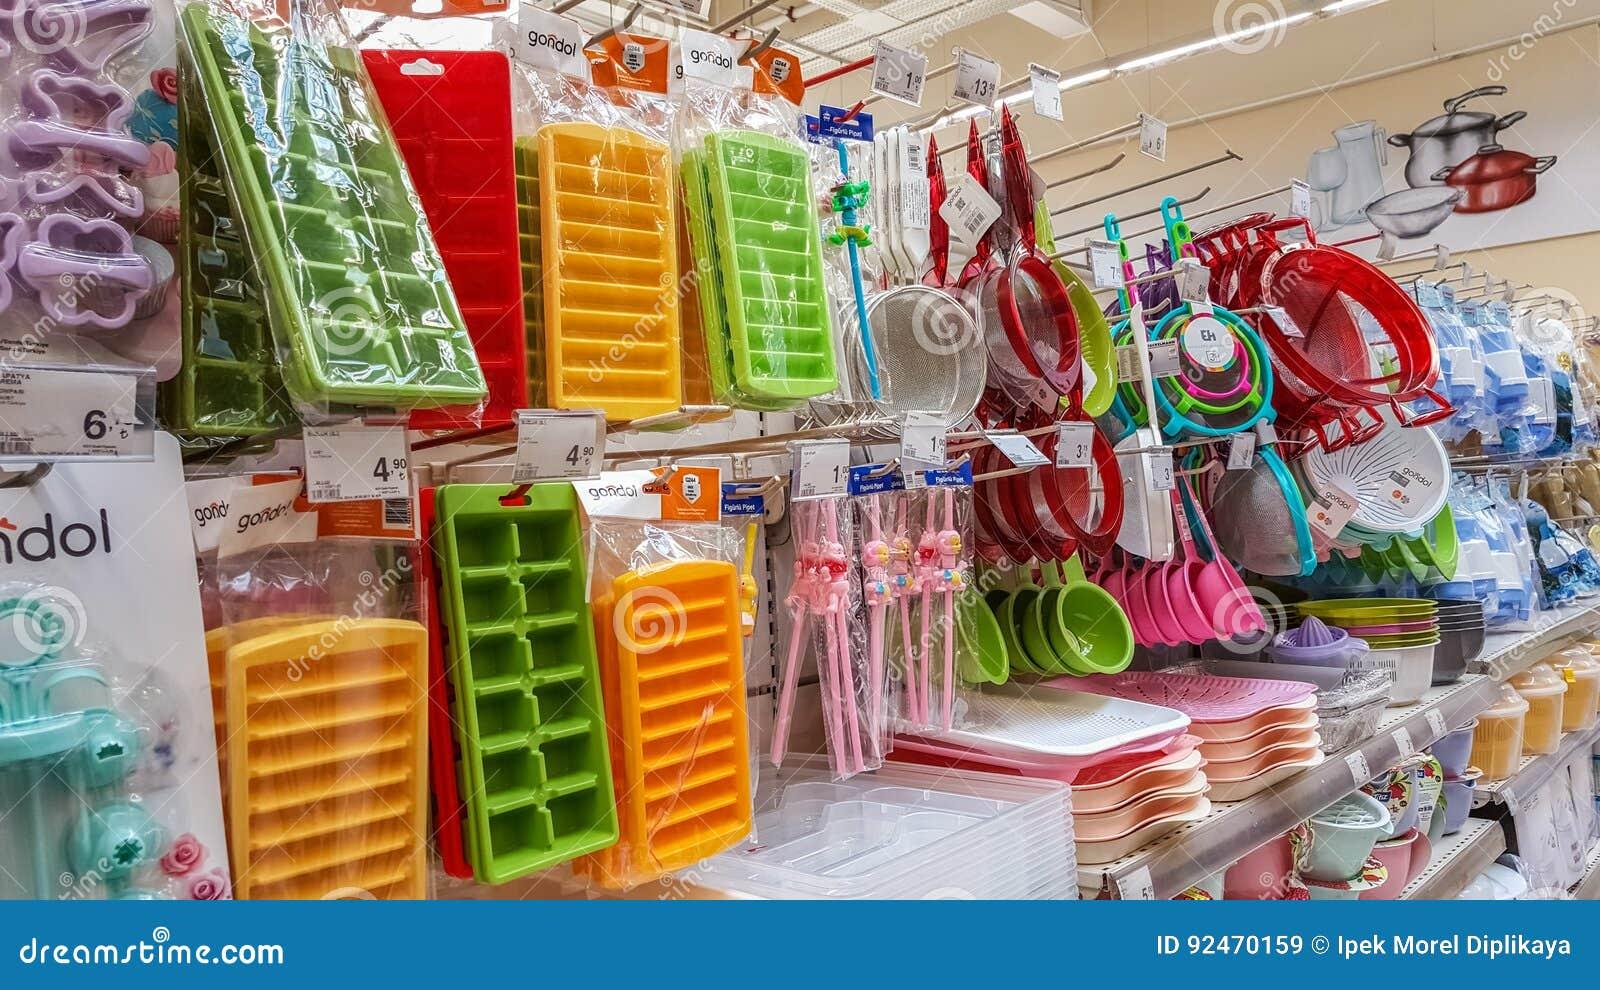 Groß Küchengeräte Zum Verkauf Ideen - Ideen Für Die Küche Dekoration ...